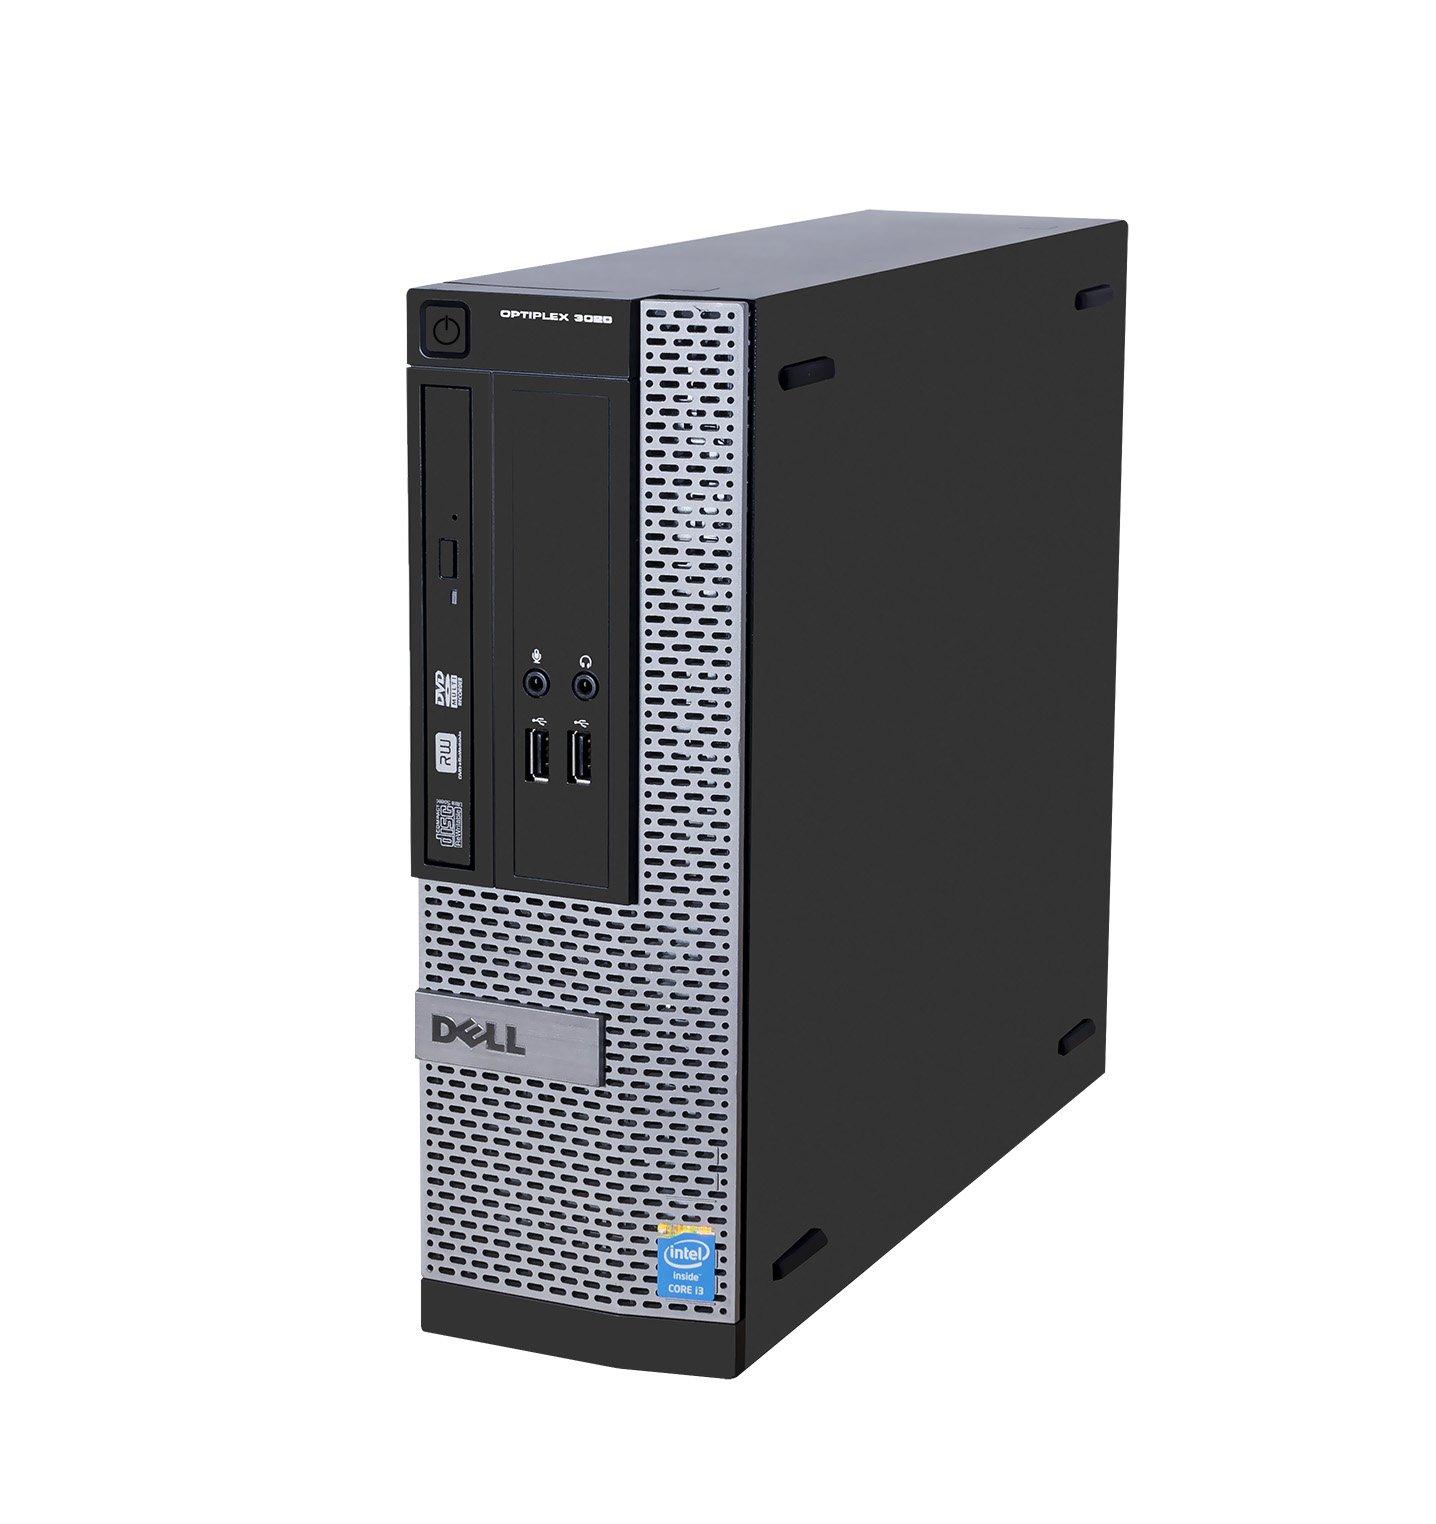 Máy bộ văn phòng Dell Optiplex 390 SFF i3 - hakivn